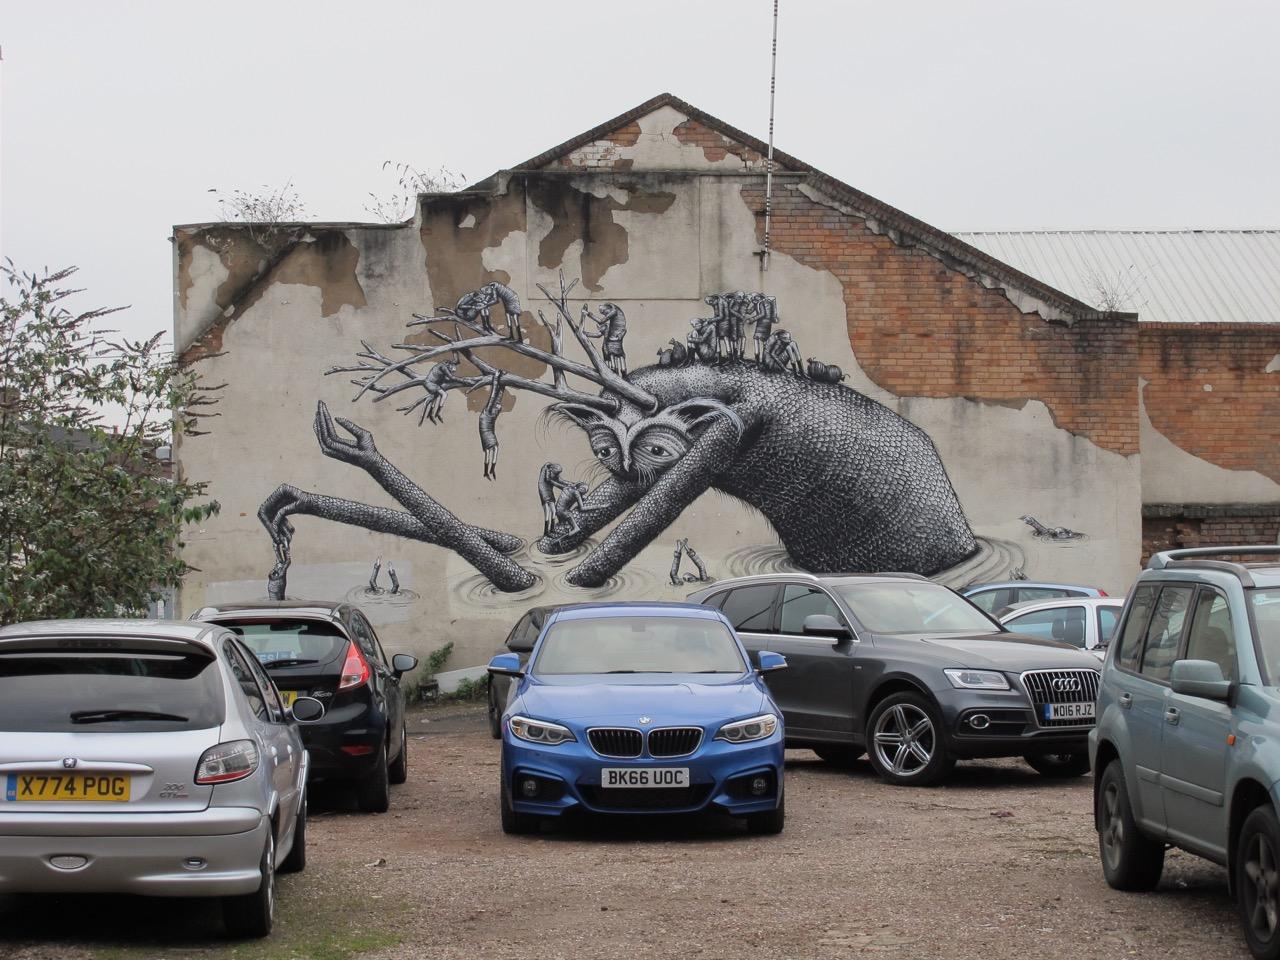 Birmingham_KevinFraser_Graffiti.jpg